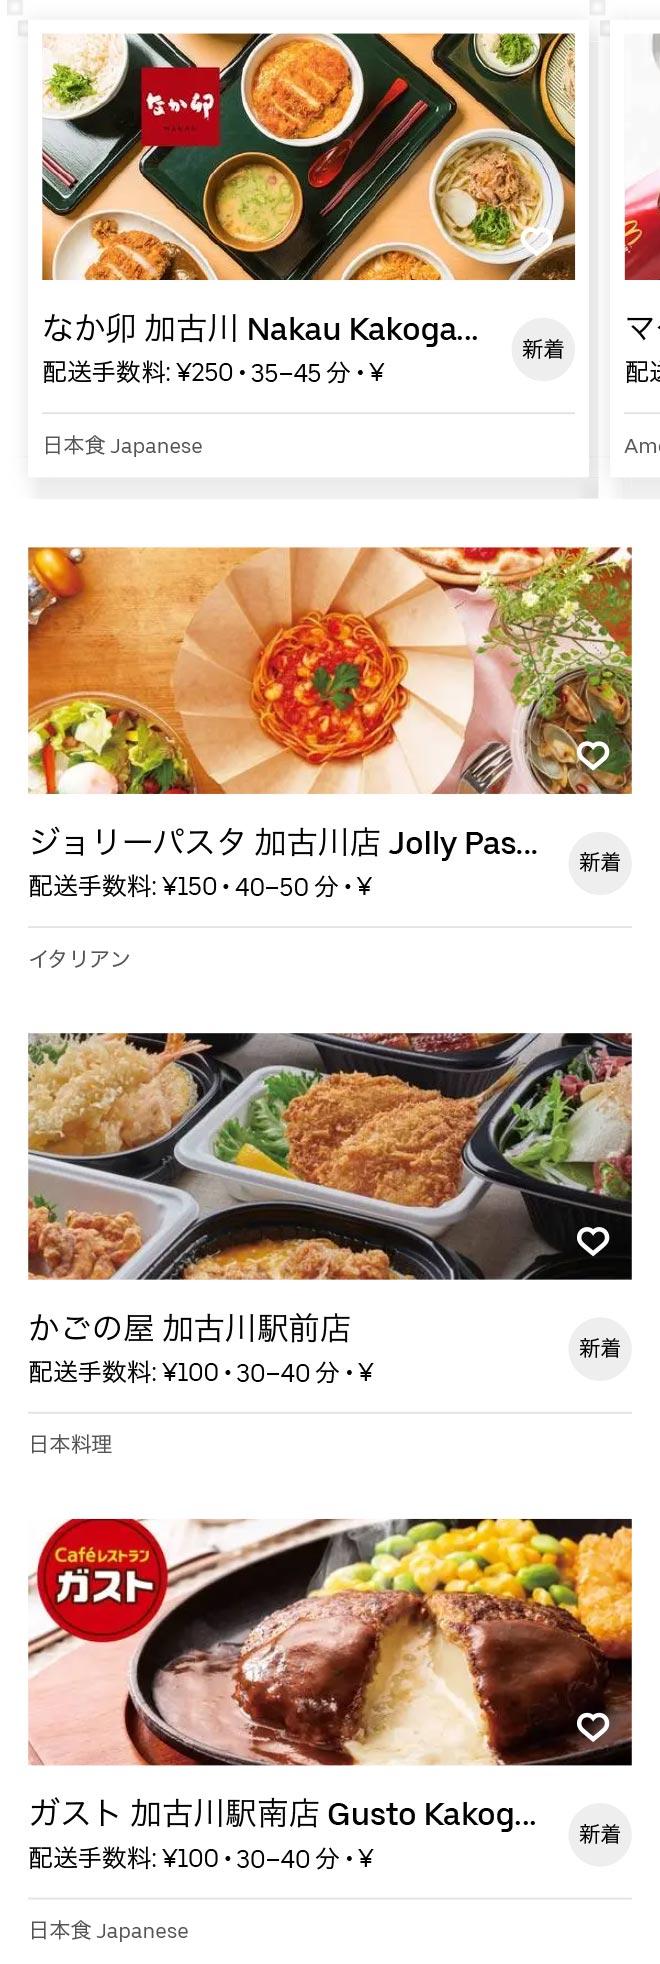 Kakogawa menu 2010 2